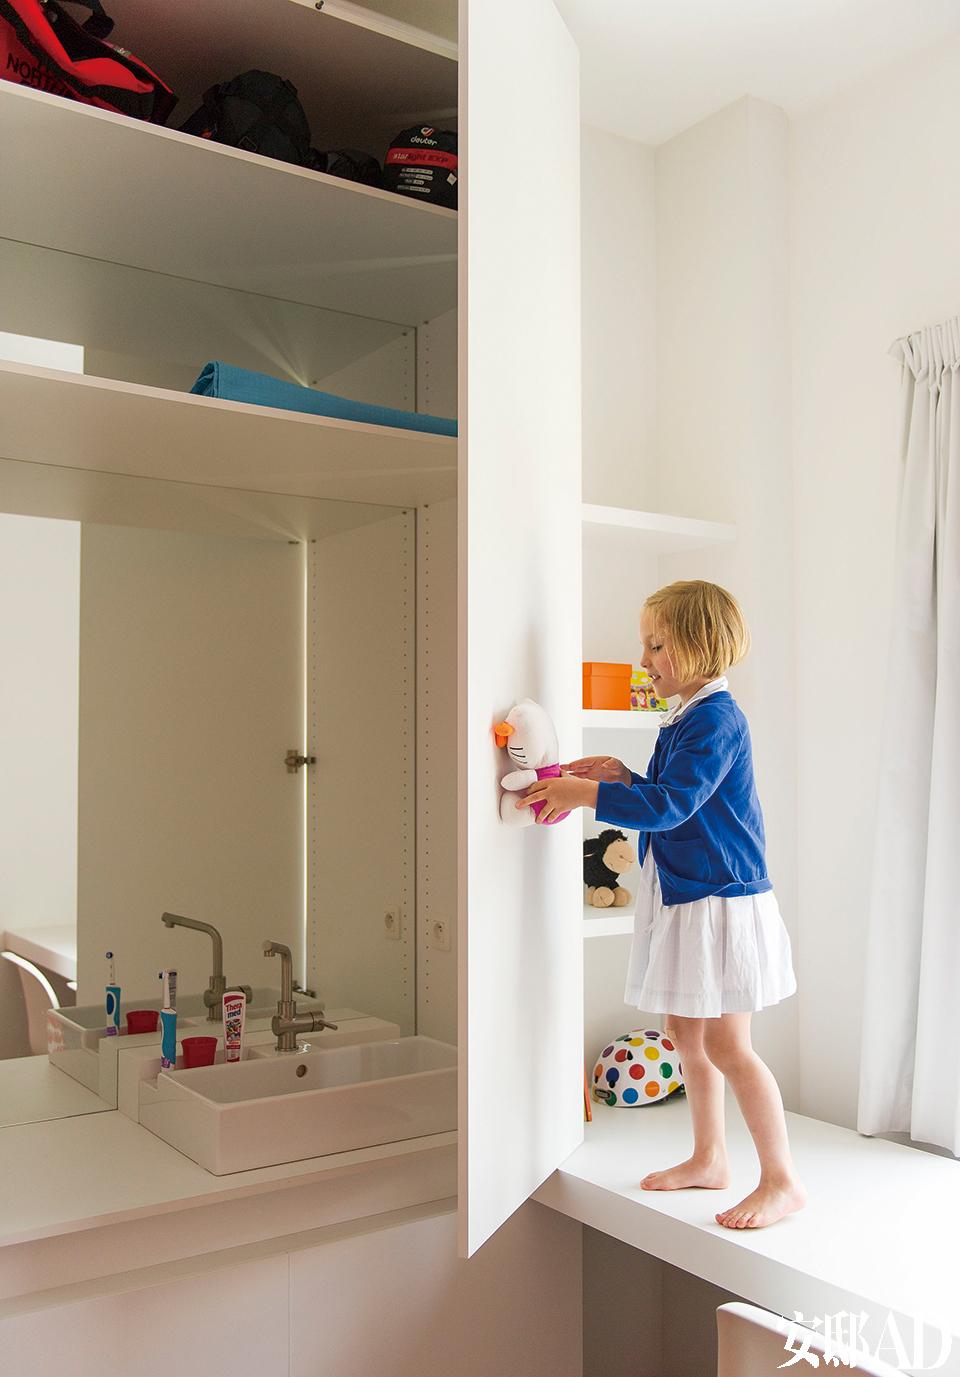 壁龛里是Julia最爱的玩具。水池和镜子都藏在柜子后。